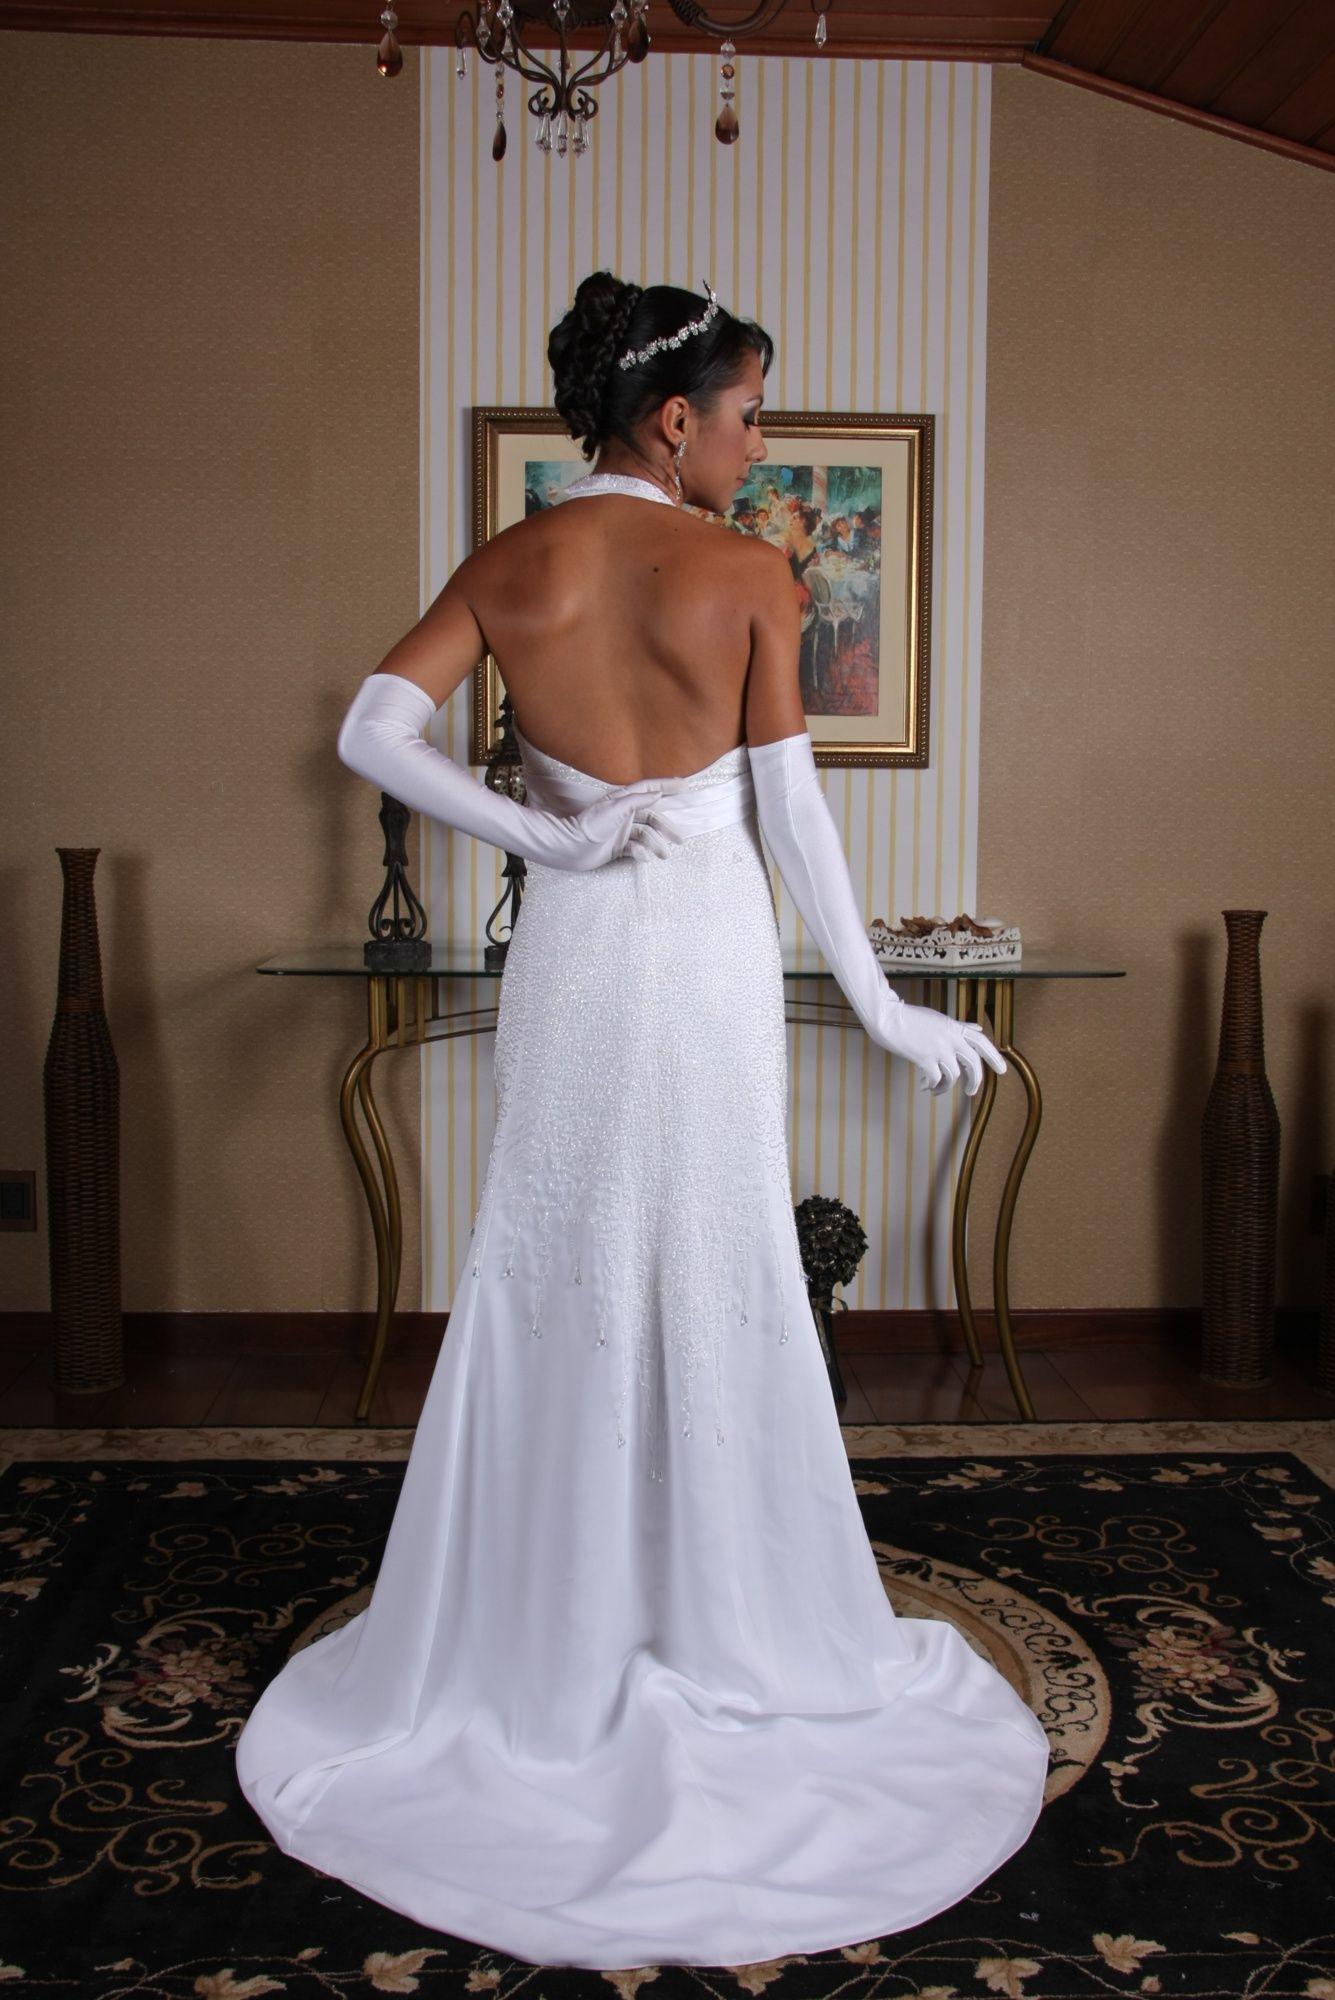 Vestido de Noiva Semi Sereia - 11 - Hipnose Alta Costura e Spa para Noivas e Noivos - Campinas - SP Vestido de Noiva, Vestido de Noiva Semi Sereia, Hipnose Alta Costura